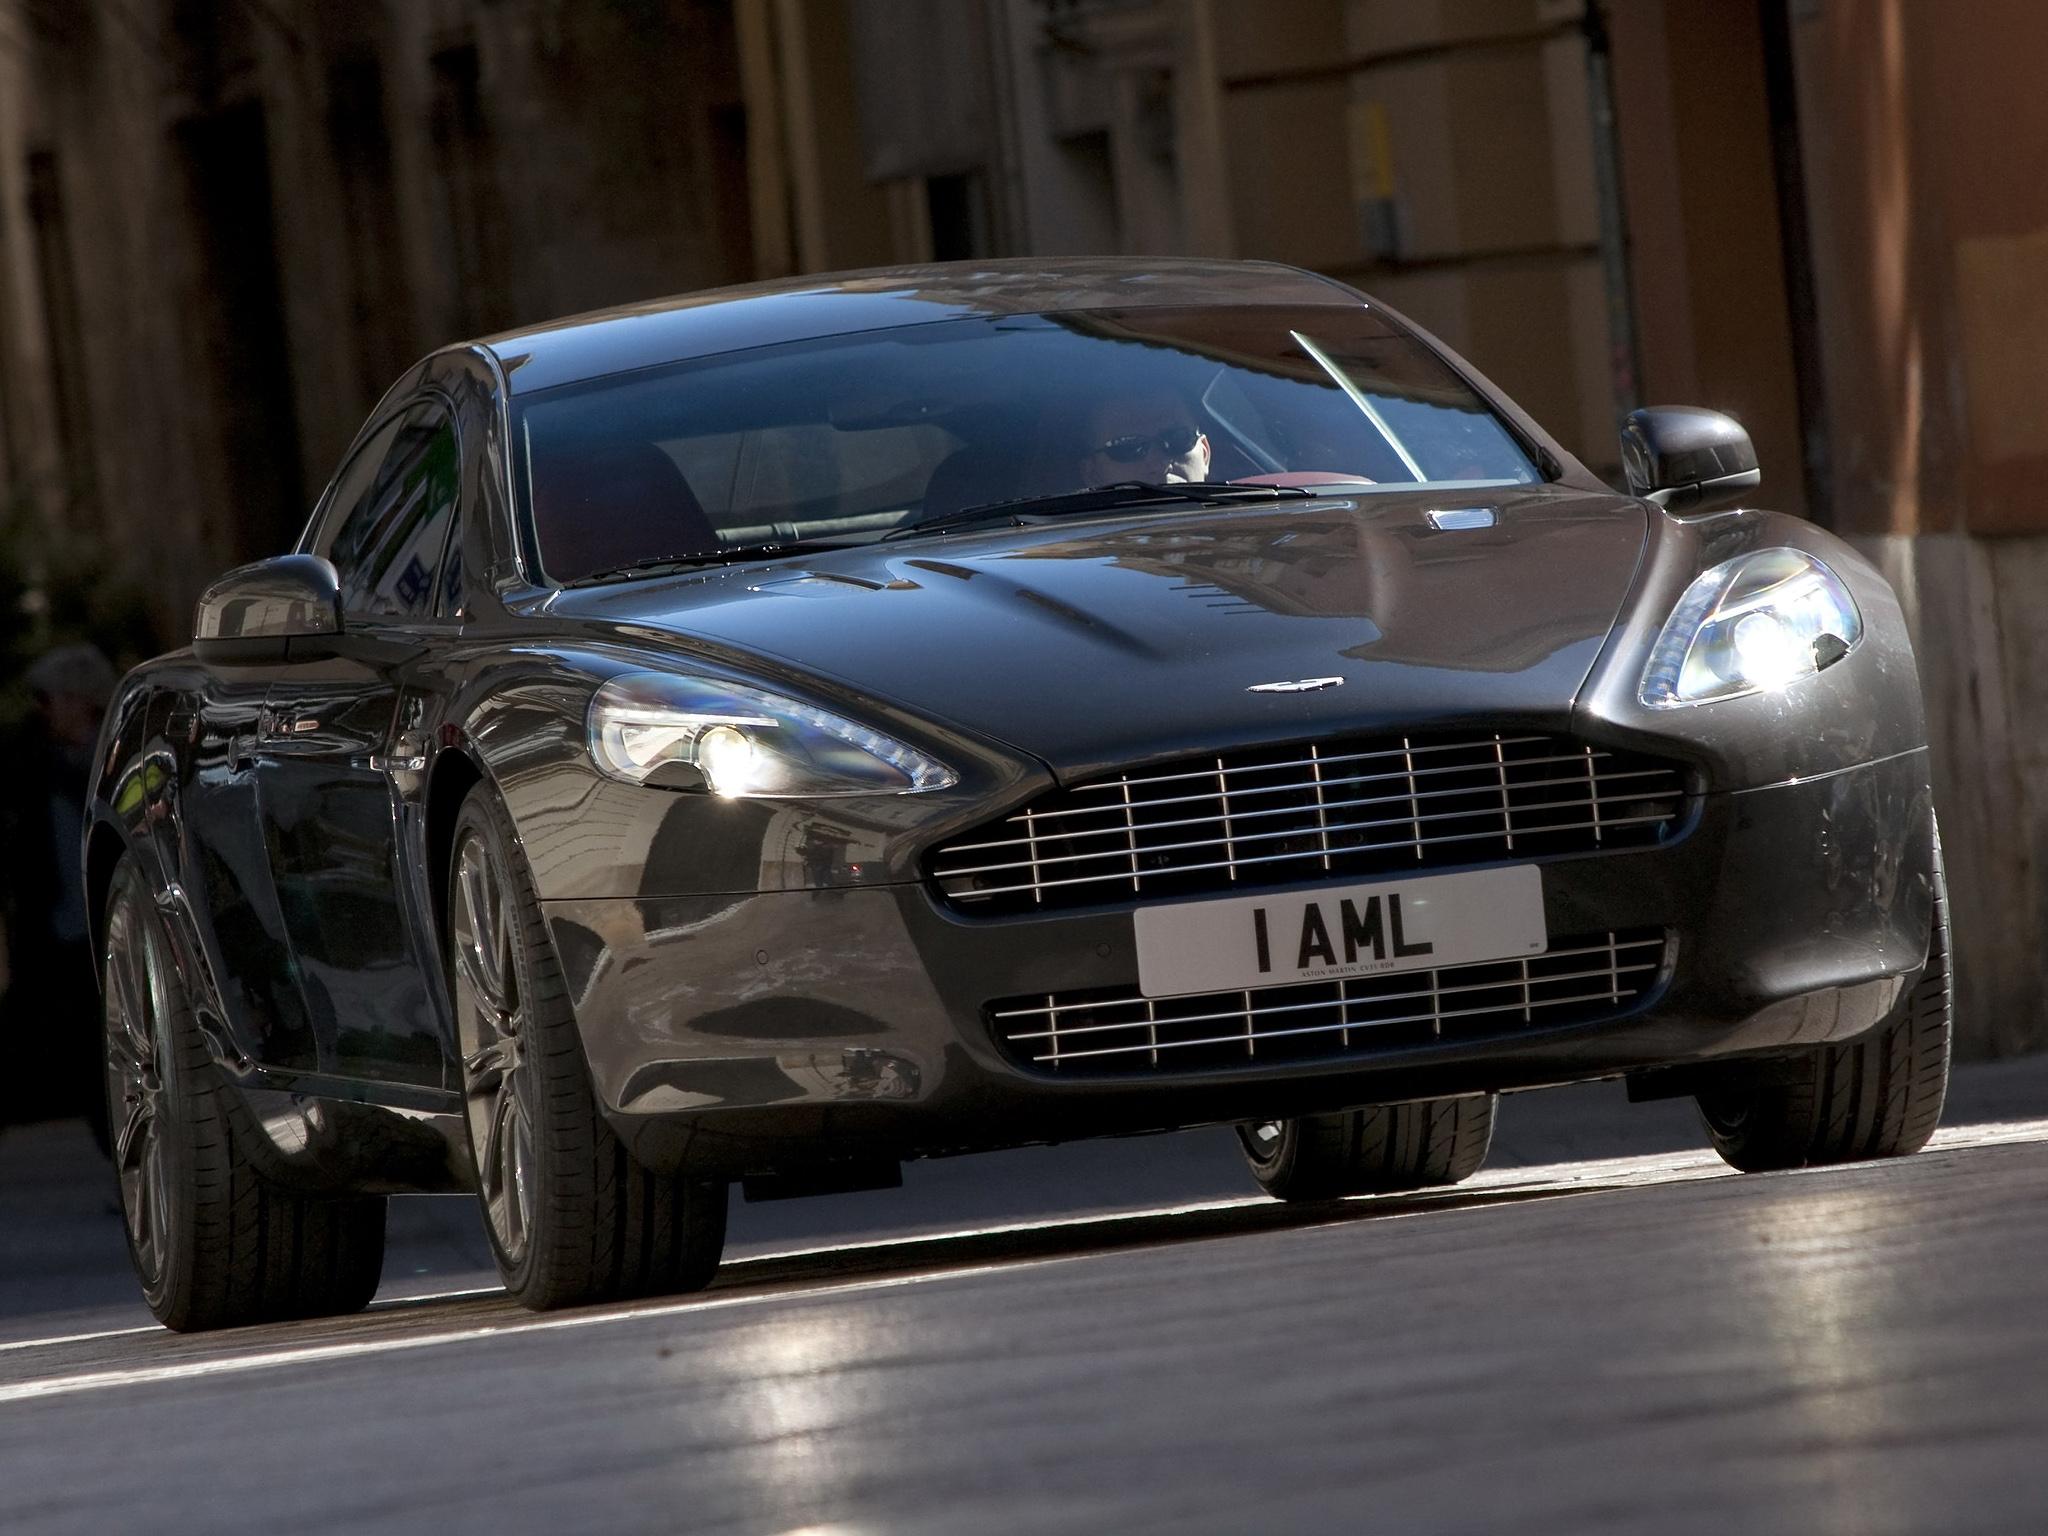 78708 скачать обои Машины, Астон Мартин (Aston Martin), Тачки (Cars), Черный, Вид Спереди, Стиль, 2009, Rapide - заставки и картинки бесплатно